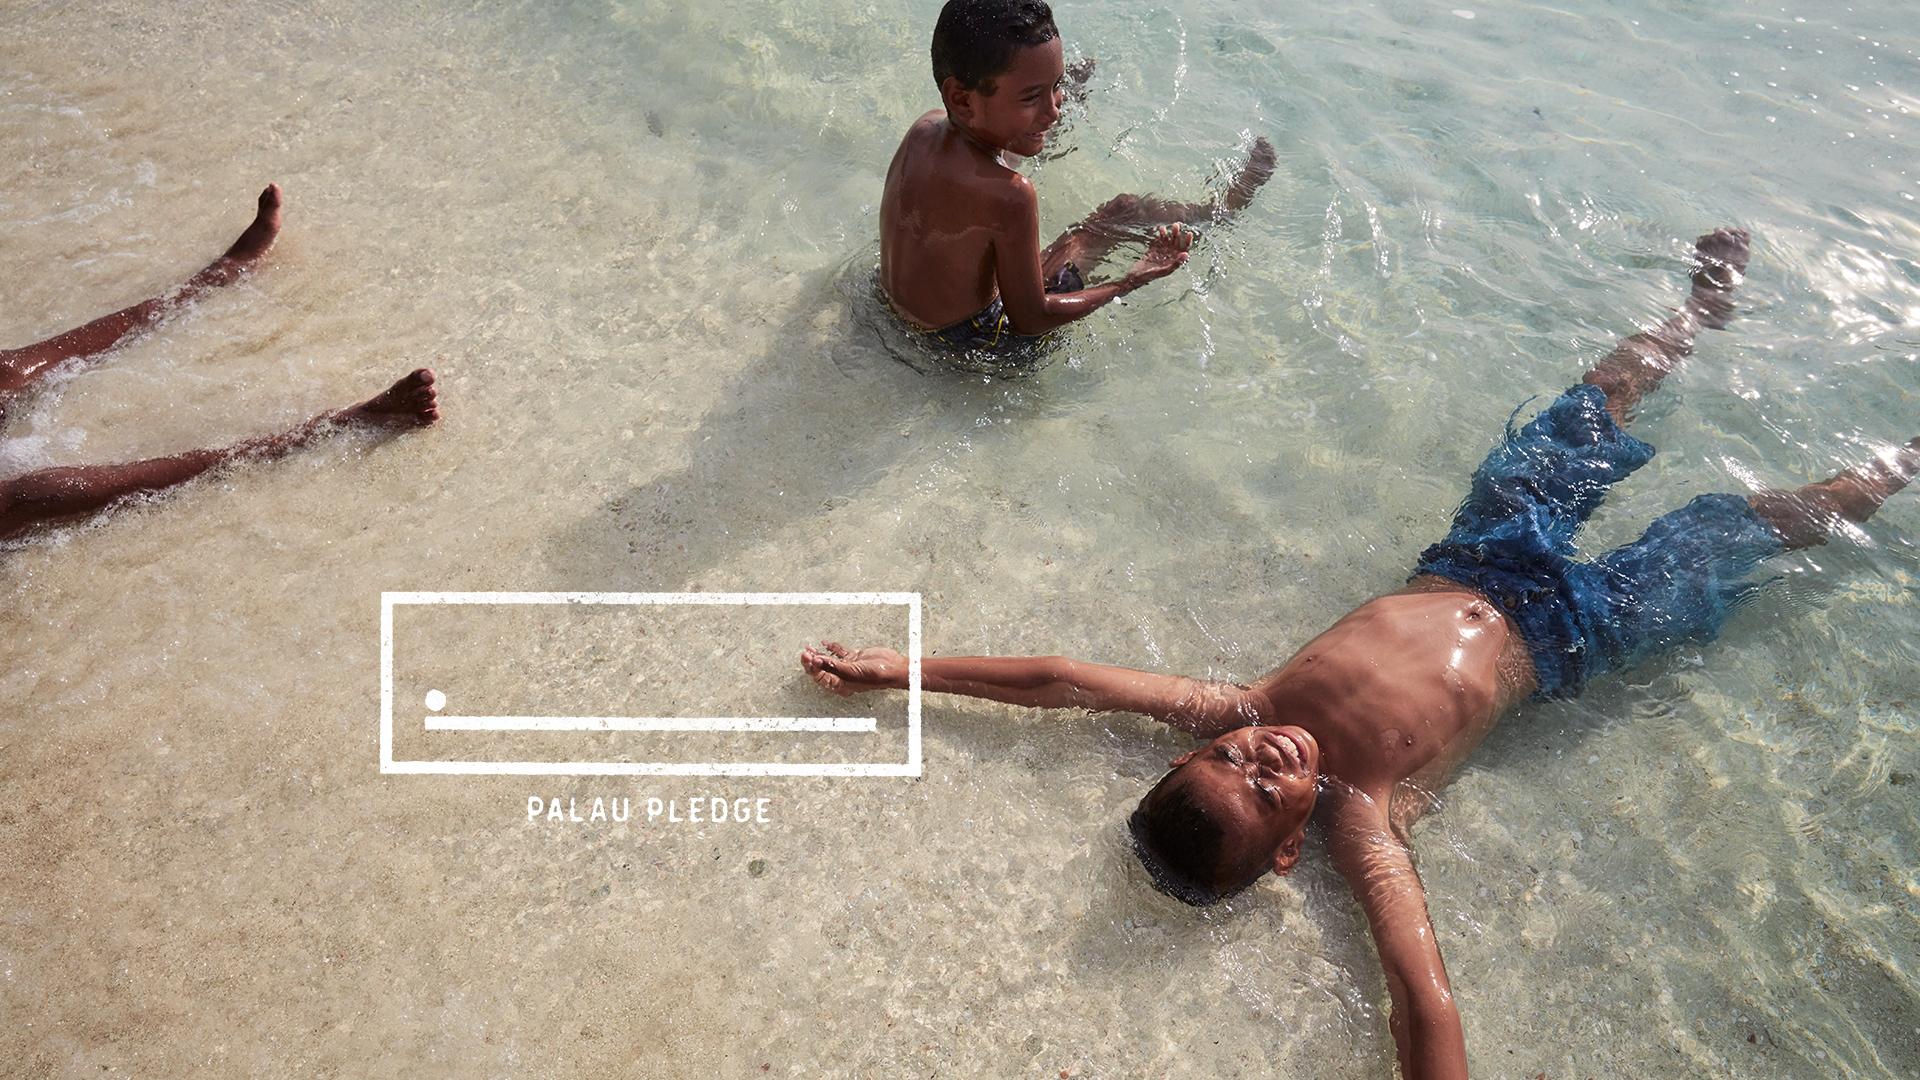 The Palau Pledge.jpg